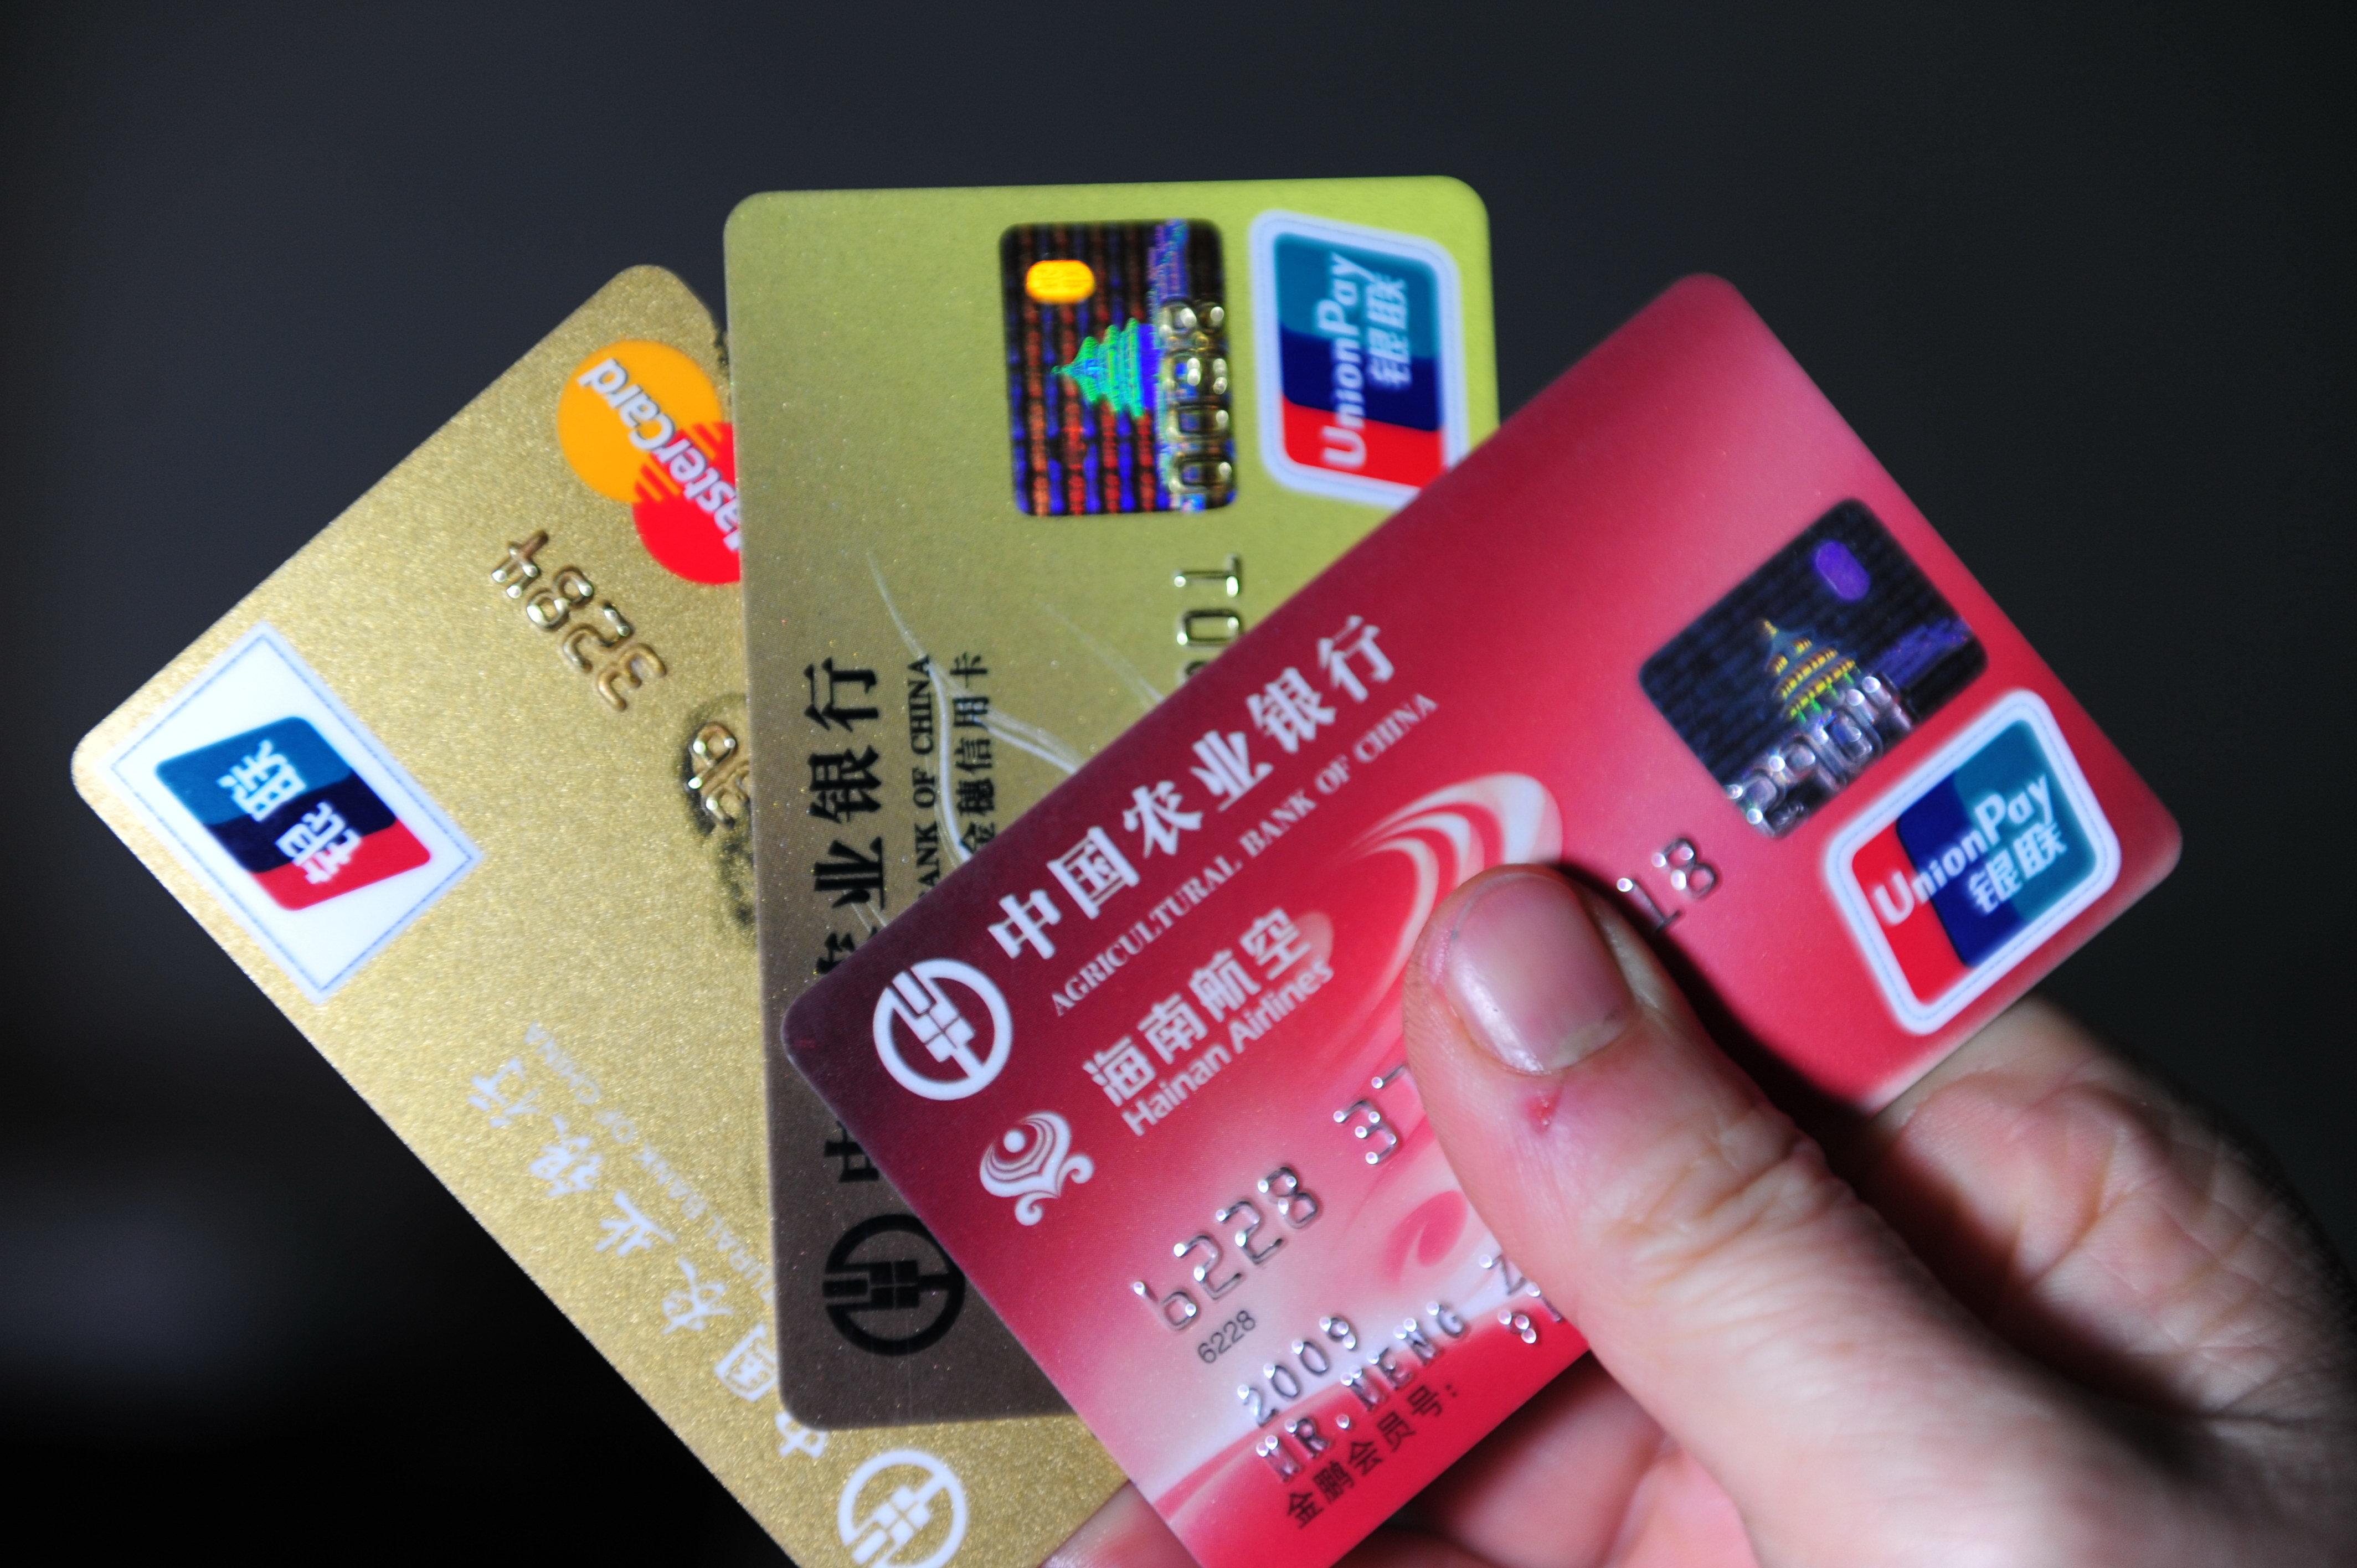 抓住雙十一的信用卡提額機會,想提多少提多少!